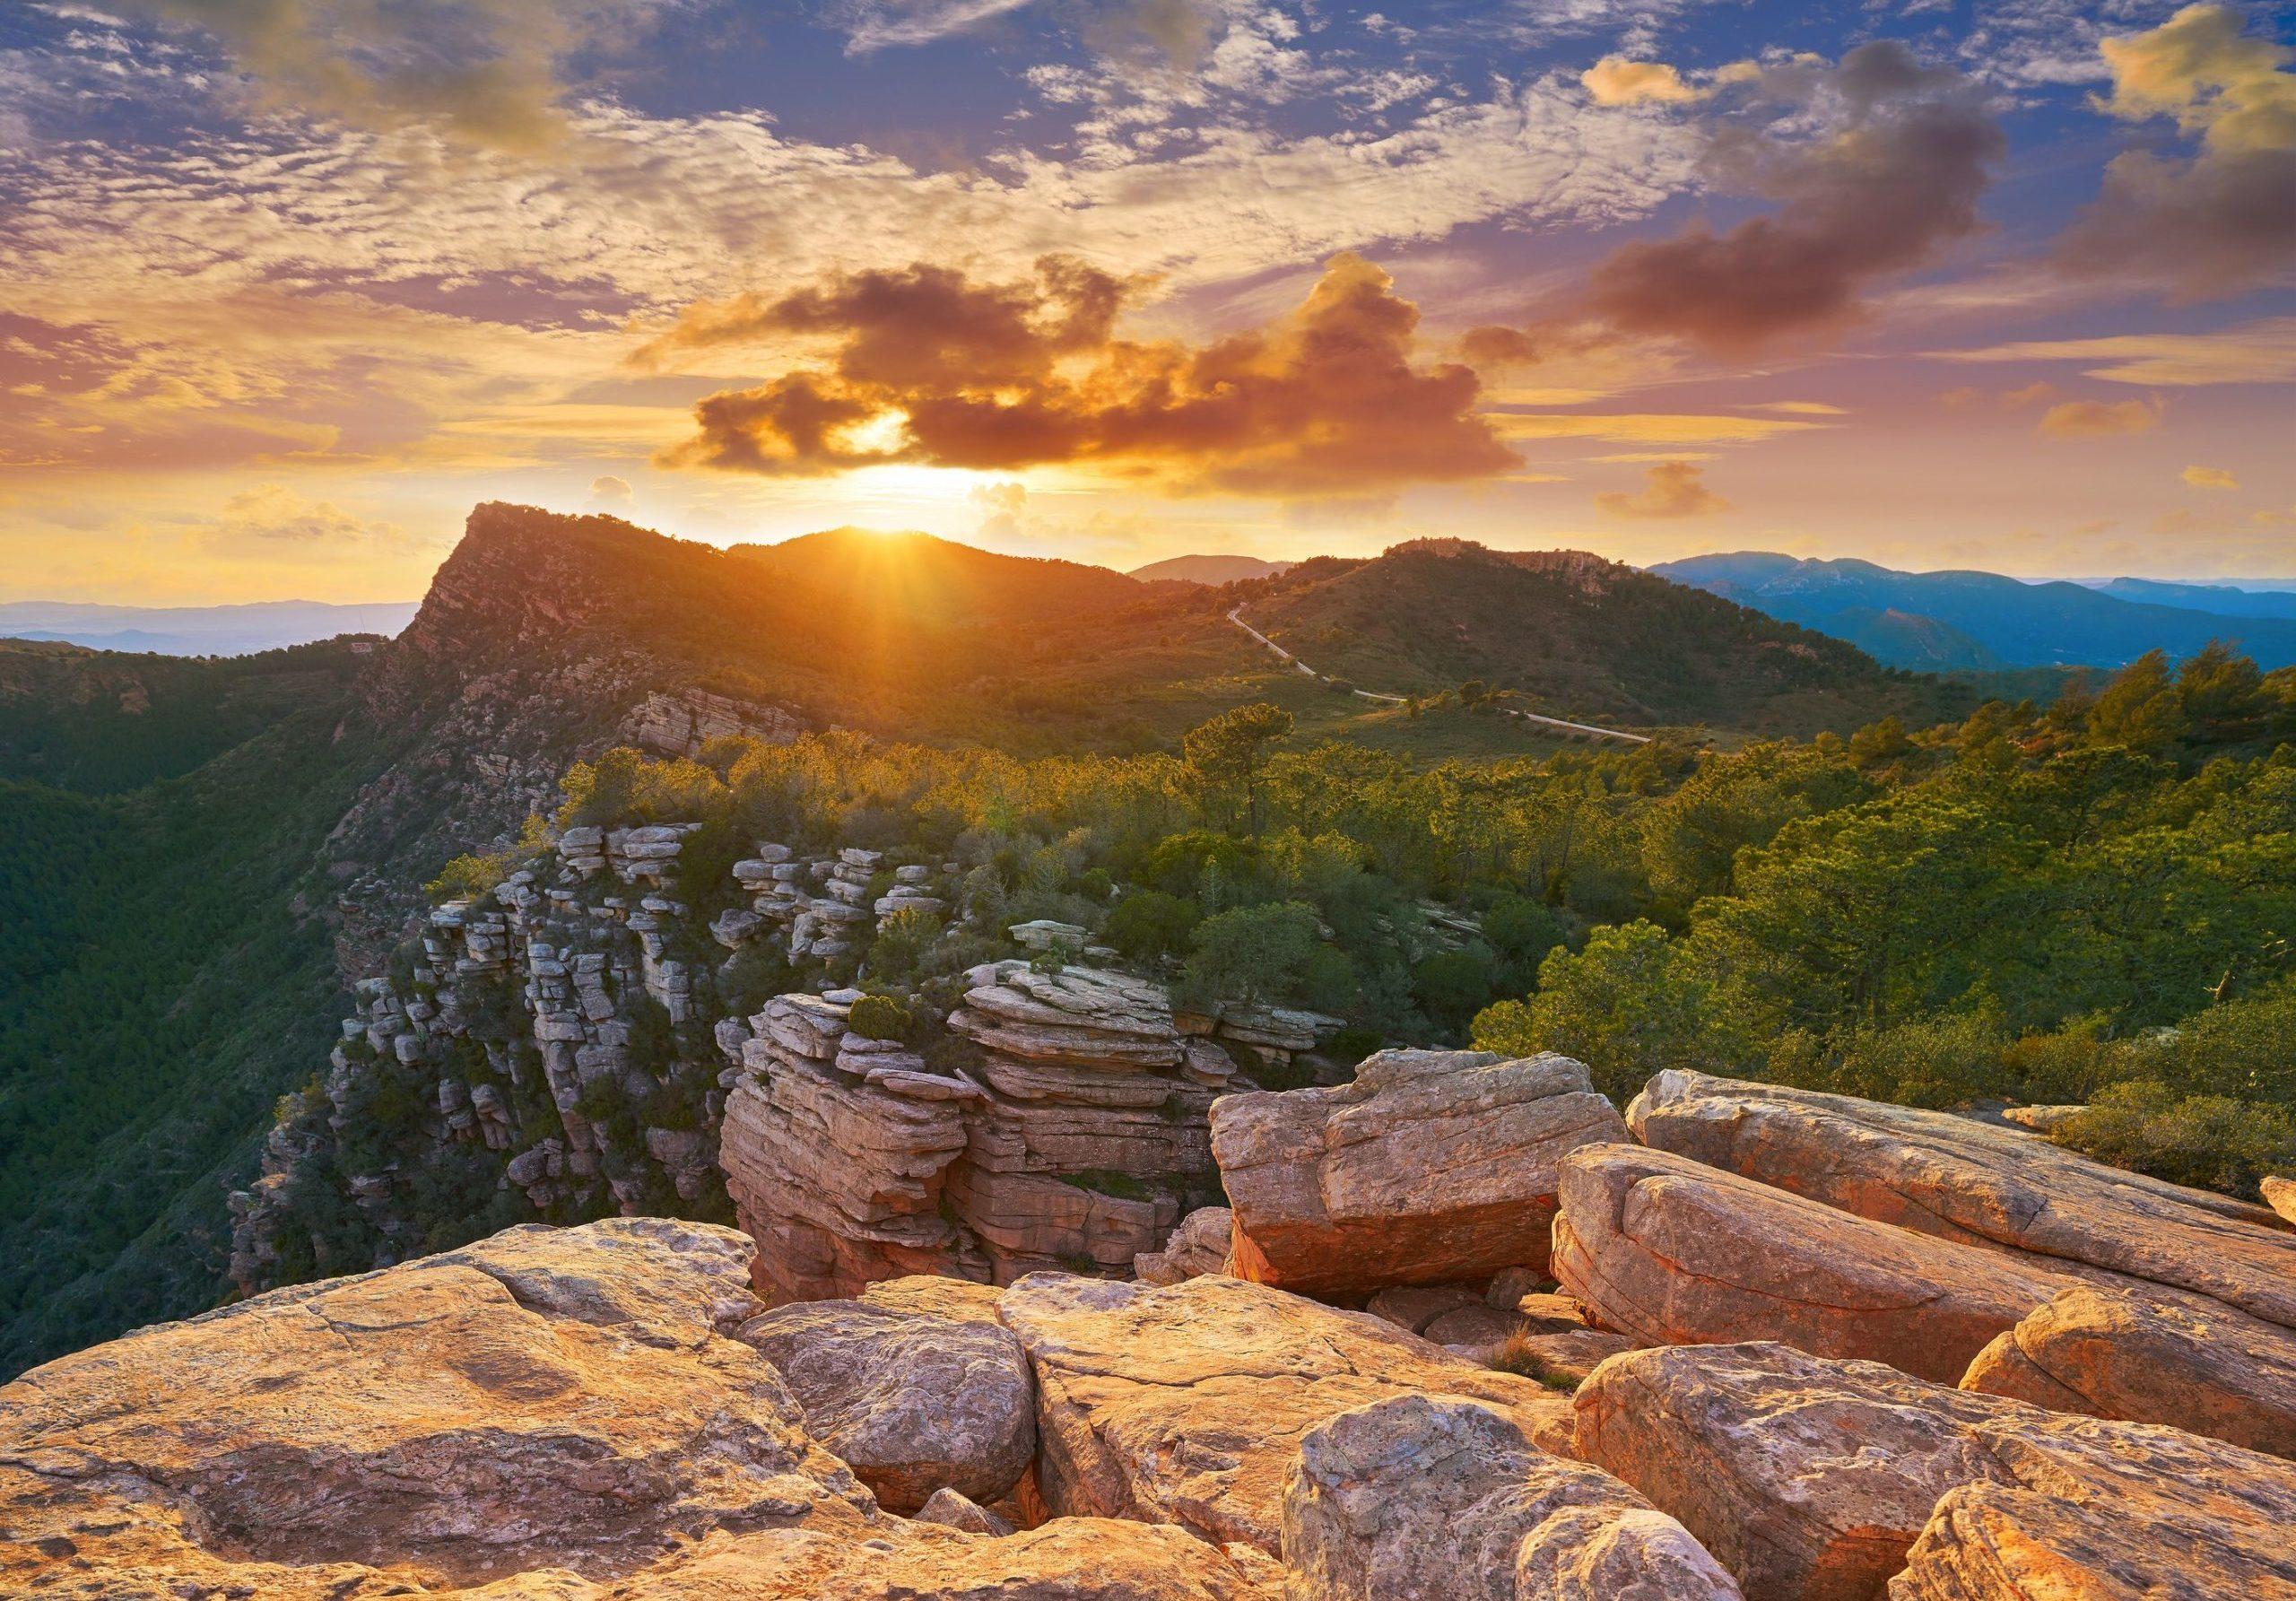 parquenaturalcalderona scaled e1588100665374 - Sierra Calderona-Valencian Community-Spain